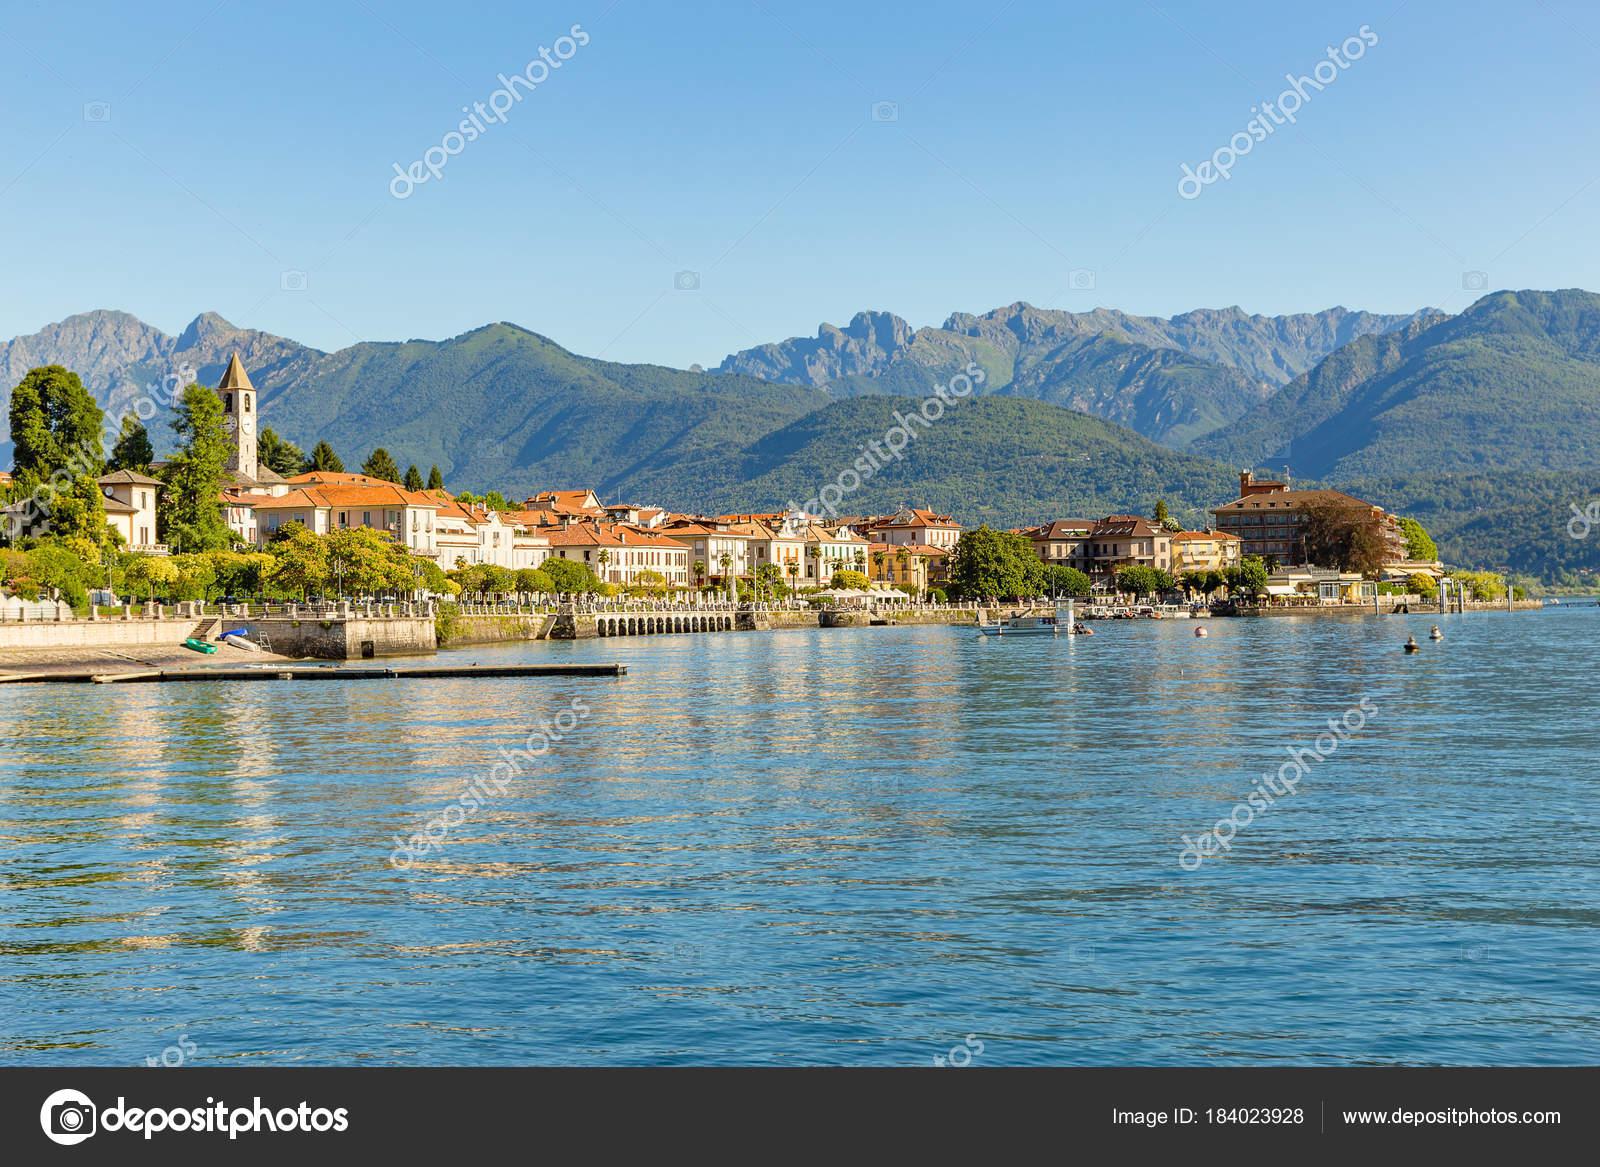 Baveno vicino a stresa sul lago maggiore italia foto for Lago vicino milano